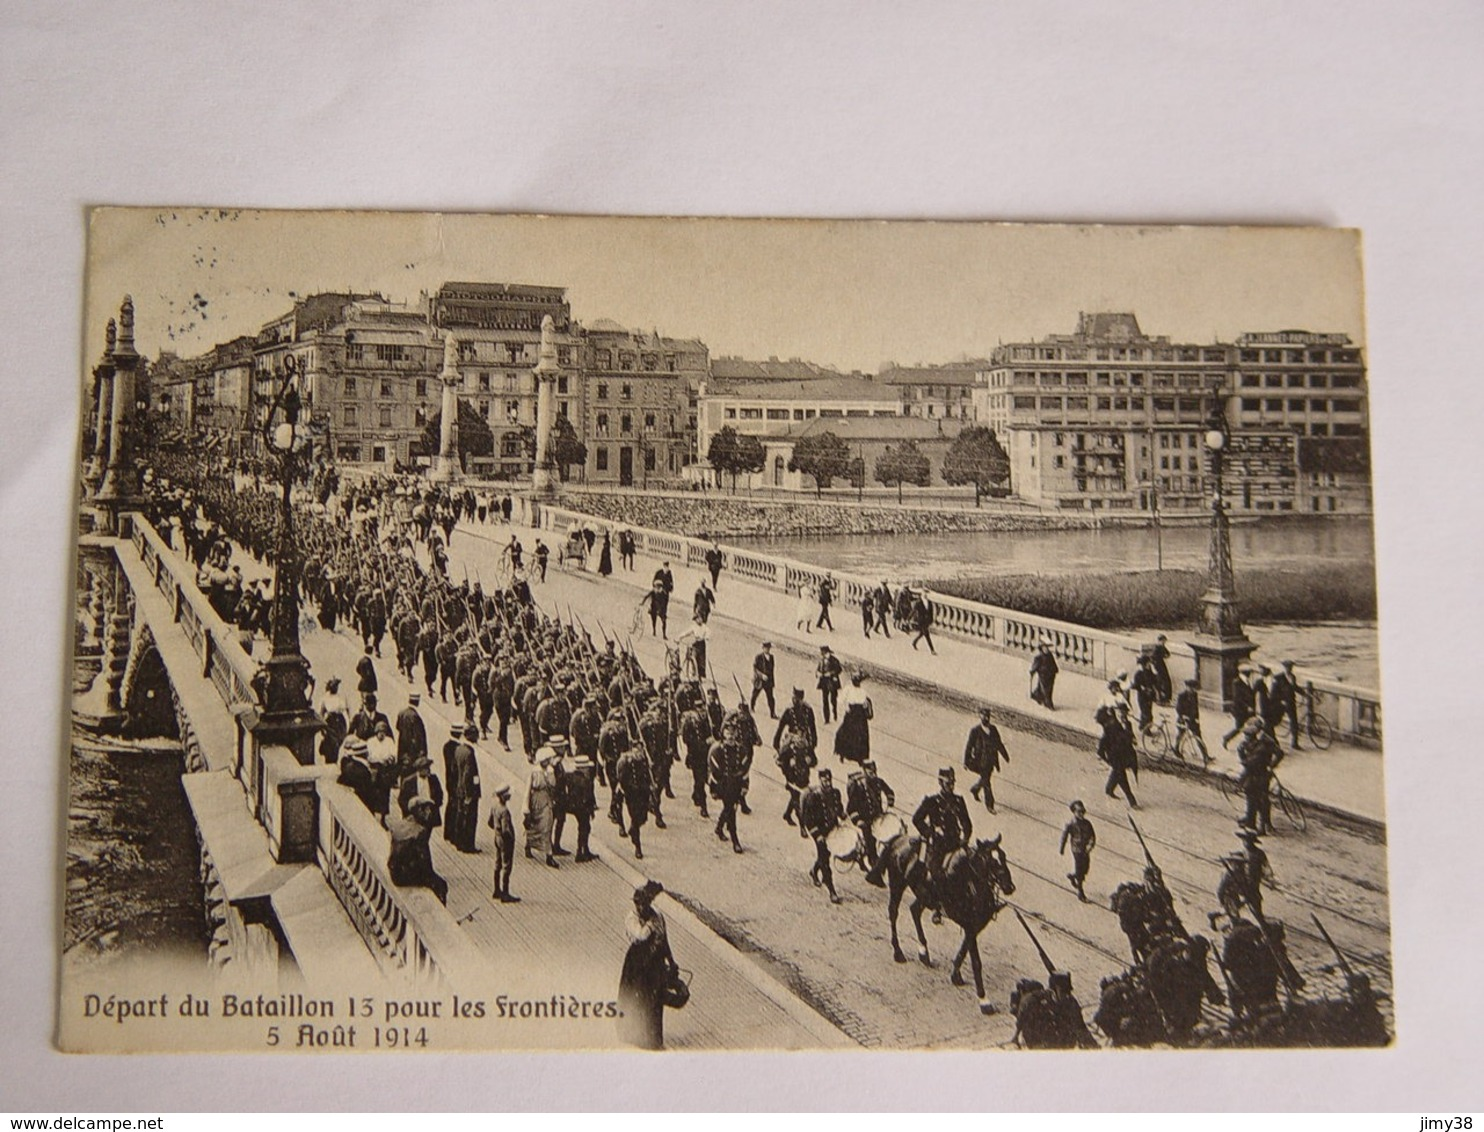 SUISSE-GENEVE-DEPART DU BATAILLON 13 POUR LES FRONTIERES 5 AOUT 1914-ANIMEE-8026-ED CHARNAUX FRERES ET C GENEVE - GE Genève